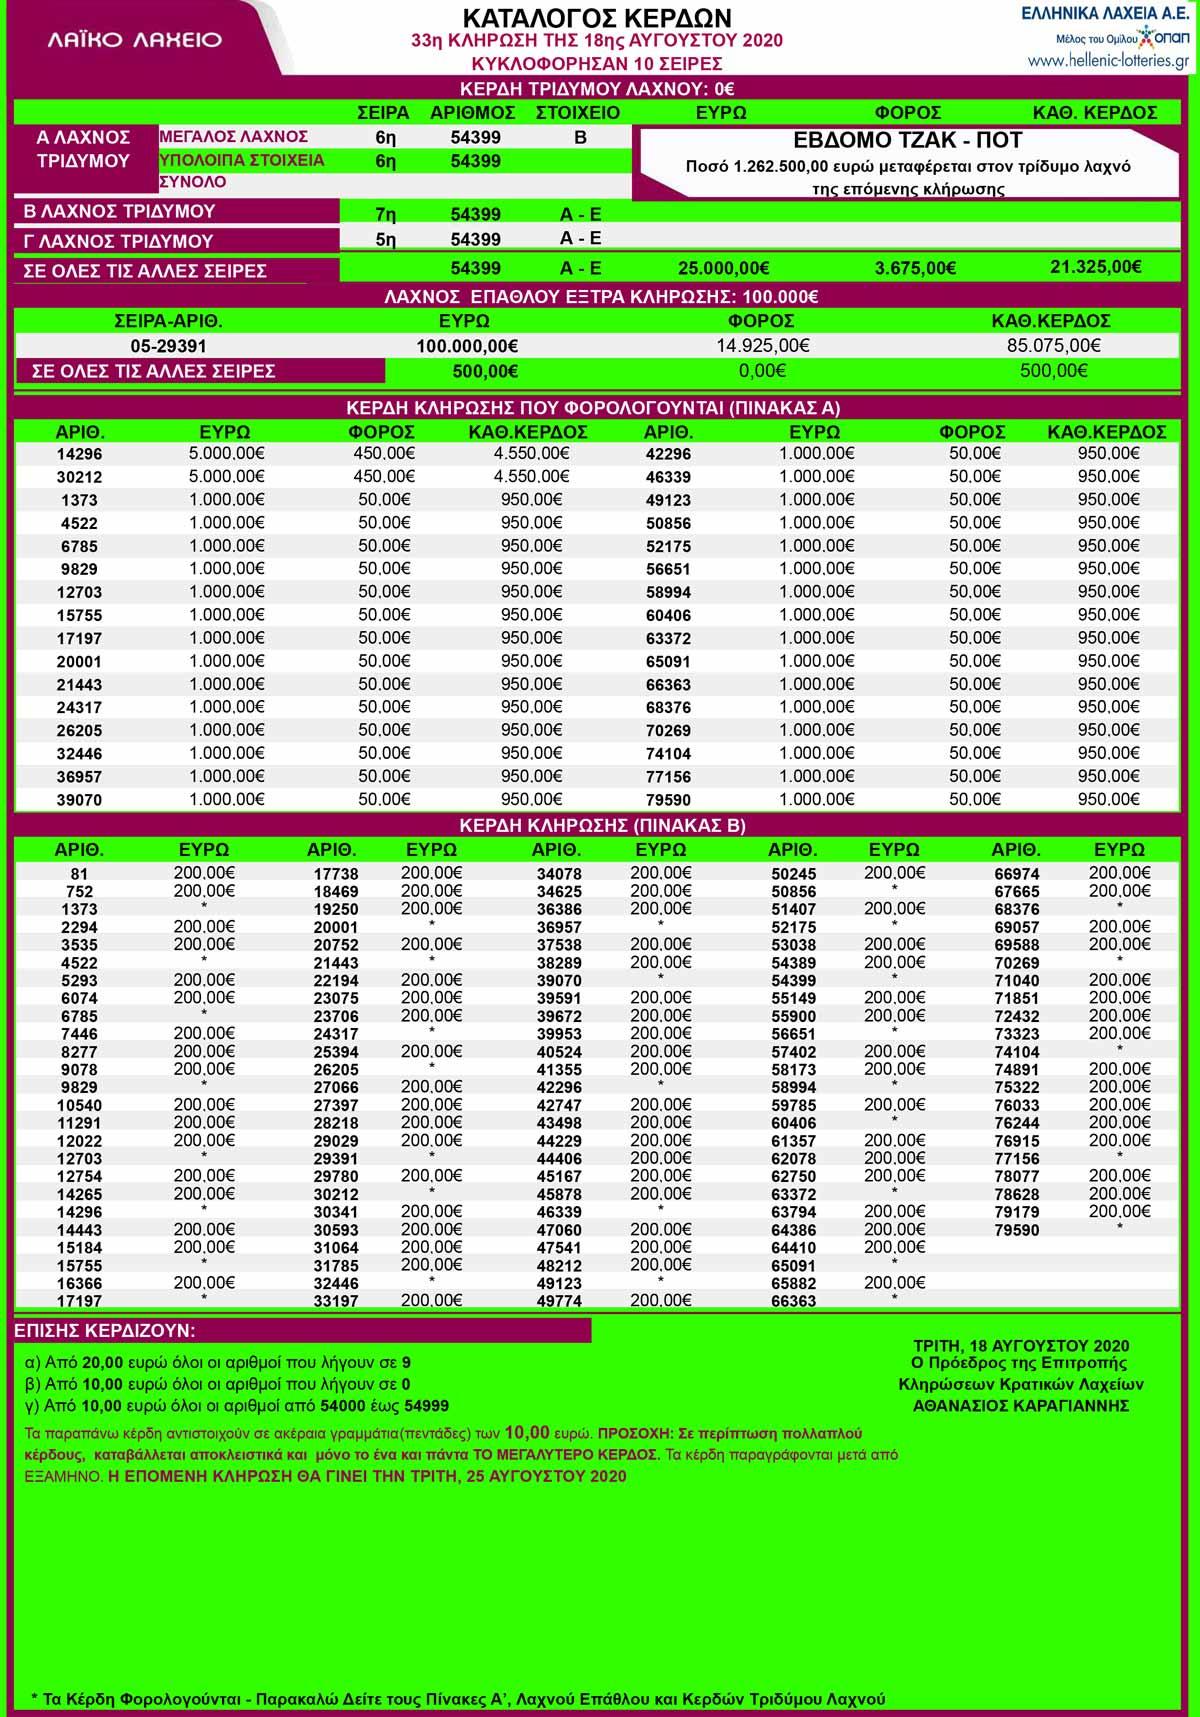 laiko-laxeio-18-08-2020-laiko-18-augoustou-2020-apotelesmata-klirosi-32-laikoy